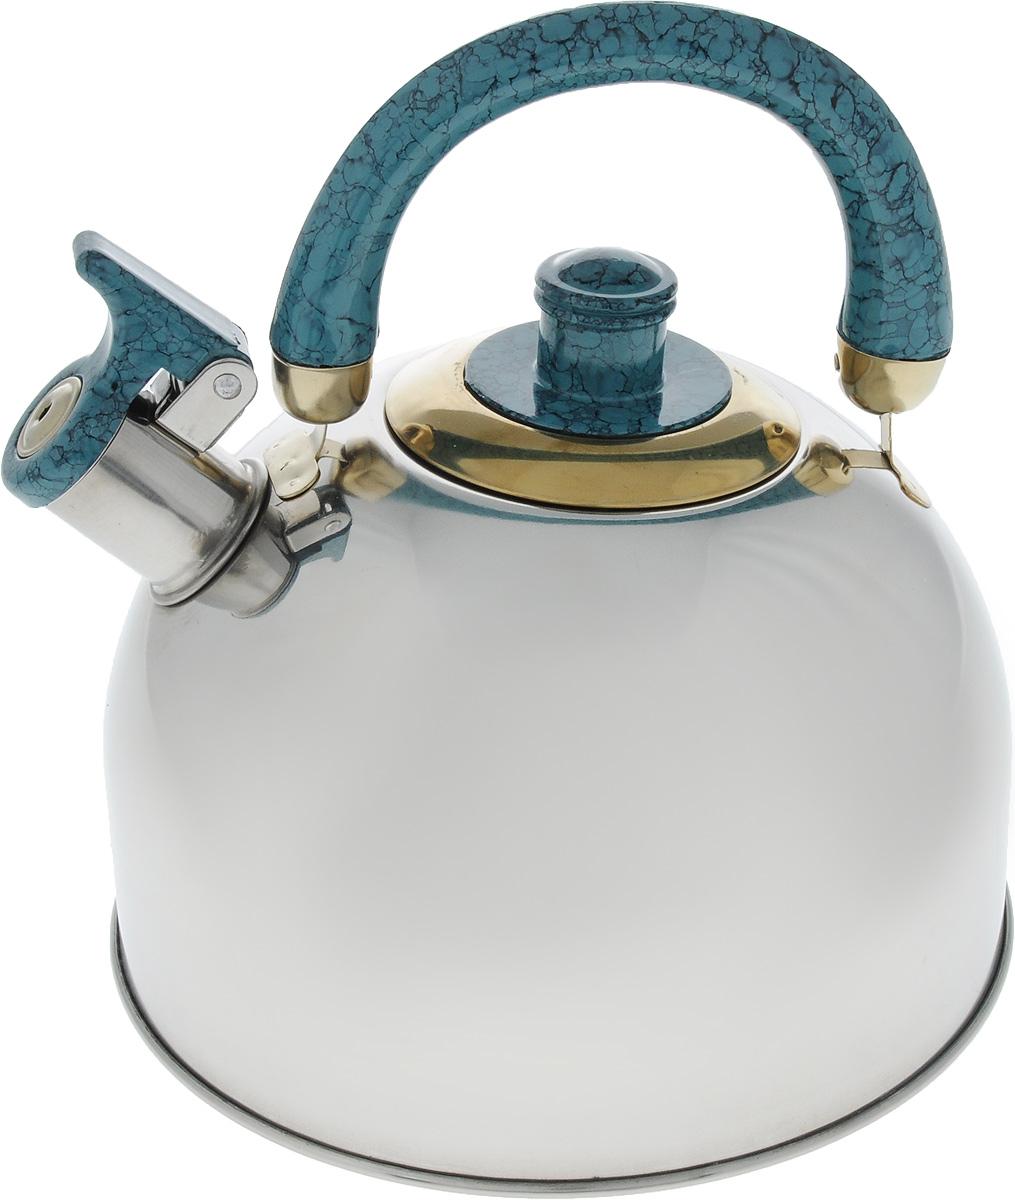 Чайник Mayer & Boch, цвет: стальной, бирюзовый, золотой, 4 л. 1046A1046A_стальной, бирюзовый, золотойЧайник Mayer & Boch изготовлен из высококачественной нержавеющей стали с зеркальной полировкой, что делает его весьма гигиеничным и устойчивым к износу при длительном использовании. Гладкая и ровная поверхность существенно облегчает уход за посудой. Выполненный из качественных материалов чайник при кипячении сохраняет все полезные свойства воды. Носик чайника имеет откидной свисток, звуковой сигнал которого подскажет, когда закипит вода. Крышка, свисток и ручка выполнены из бакелита.Классический дизайн чайника Mayer & Boch дополнит любую кухню. Подходит для использования на всех типах кухонных плит, кроме индукционных.Высота чайника (с учетом ручки): 21 см. Высота чайника (без учета ручки и крышки): 12 см. Диаметр по верхнему краю: 8,5 см.